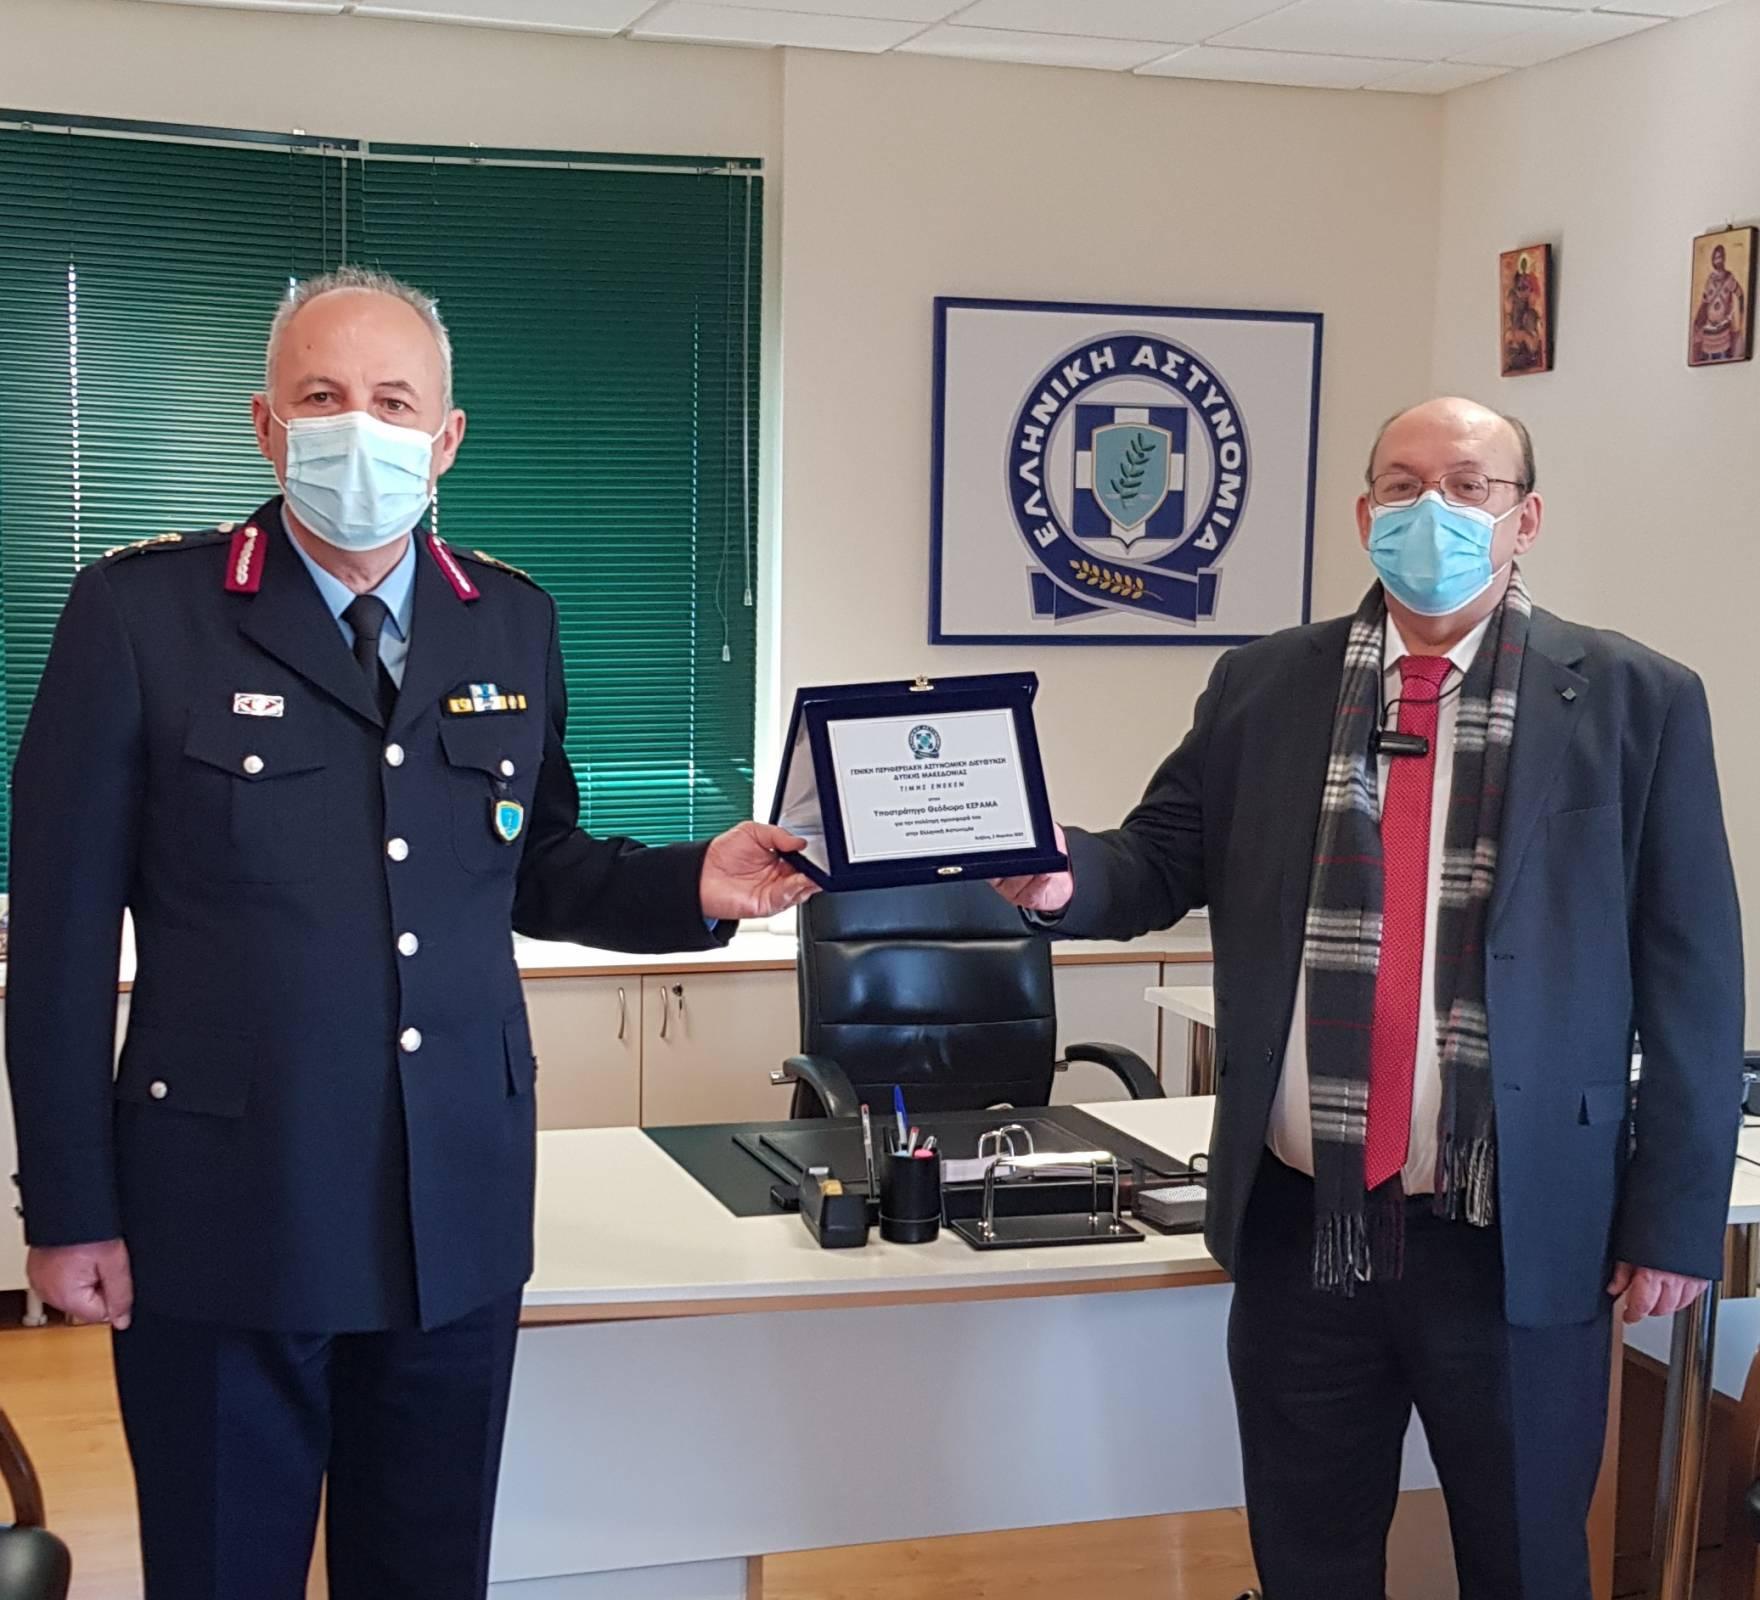 Πραγματοποιήθηκε τελετή παράδοσης-ανάληψης καθηκόντων Γενικού Περιφερειακού Αστυνομικού Διευθυντή Δυτικής Μακεδονίας